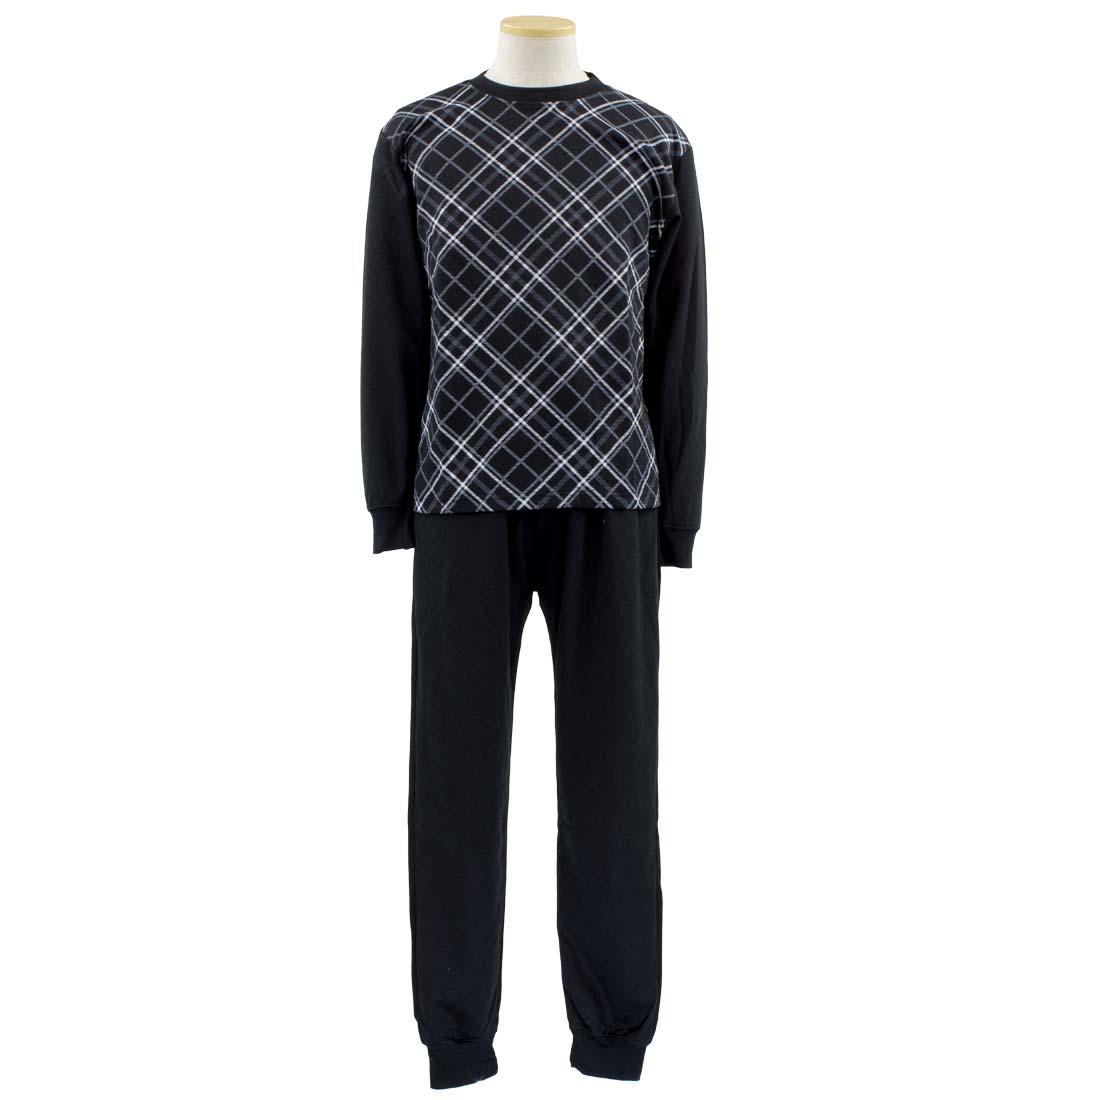 メンズ シニアファッション■スウェットスーツ トレーナー クルー パンツ 上下セット